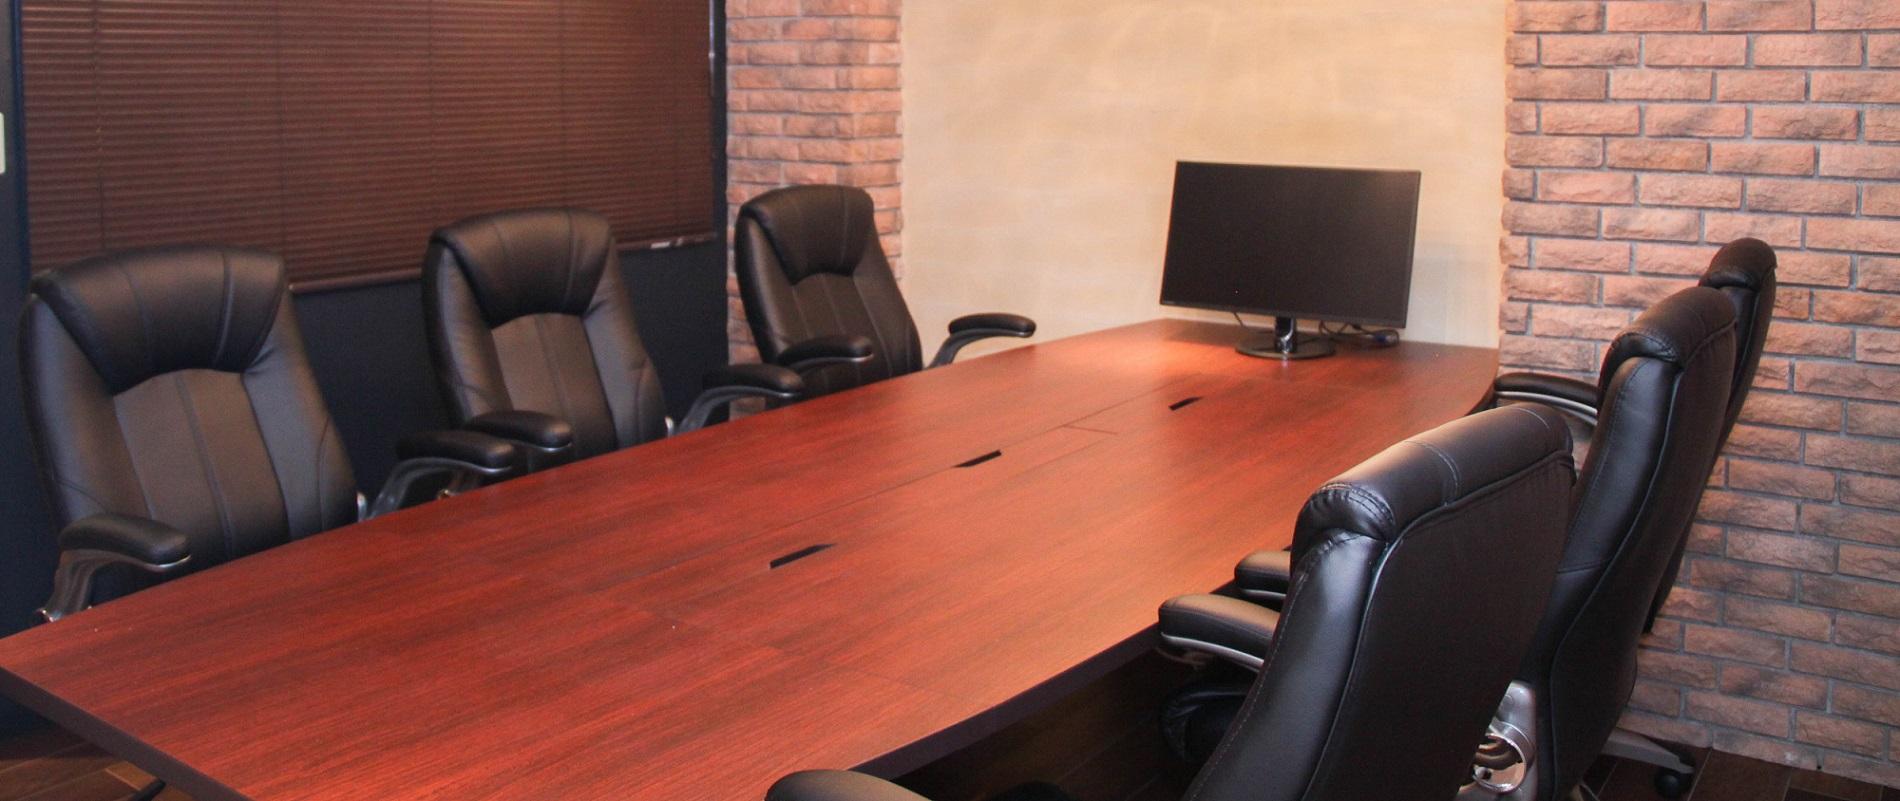 商談がうまくいく貸会議室